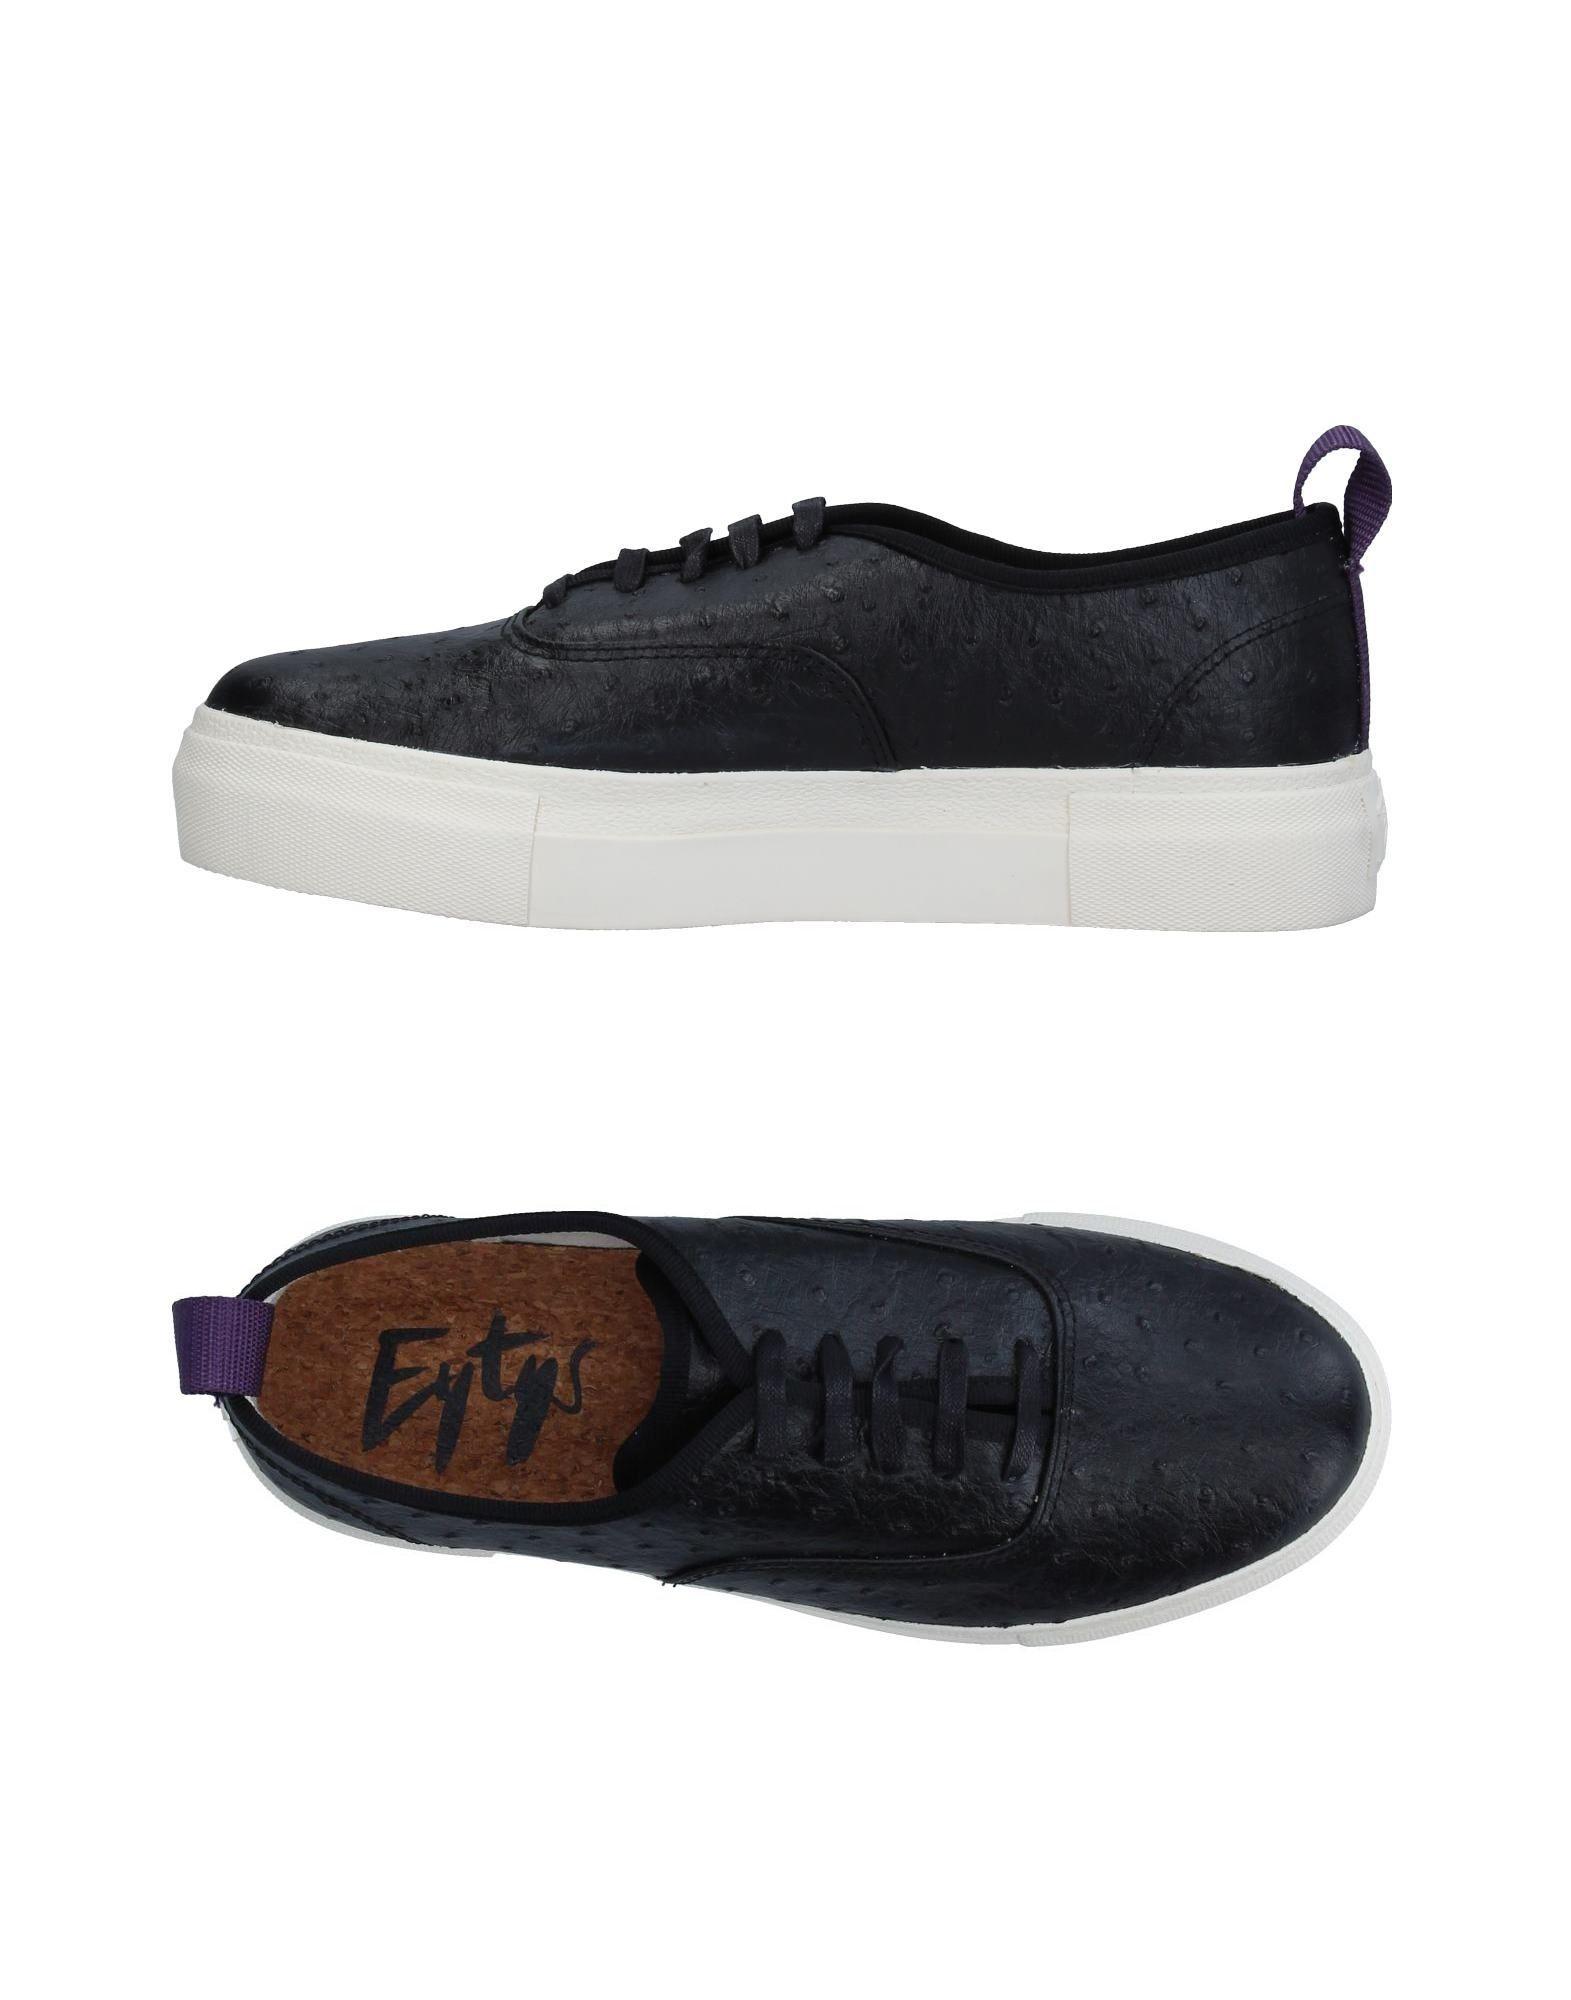 Zapatillas  Eytys Mujer - Zapatillas Eytys  Zapatillas Negro 0890cf